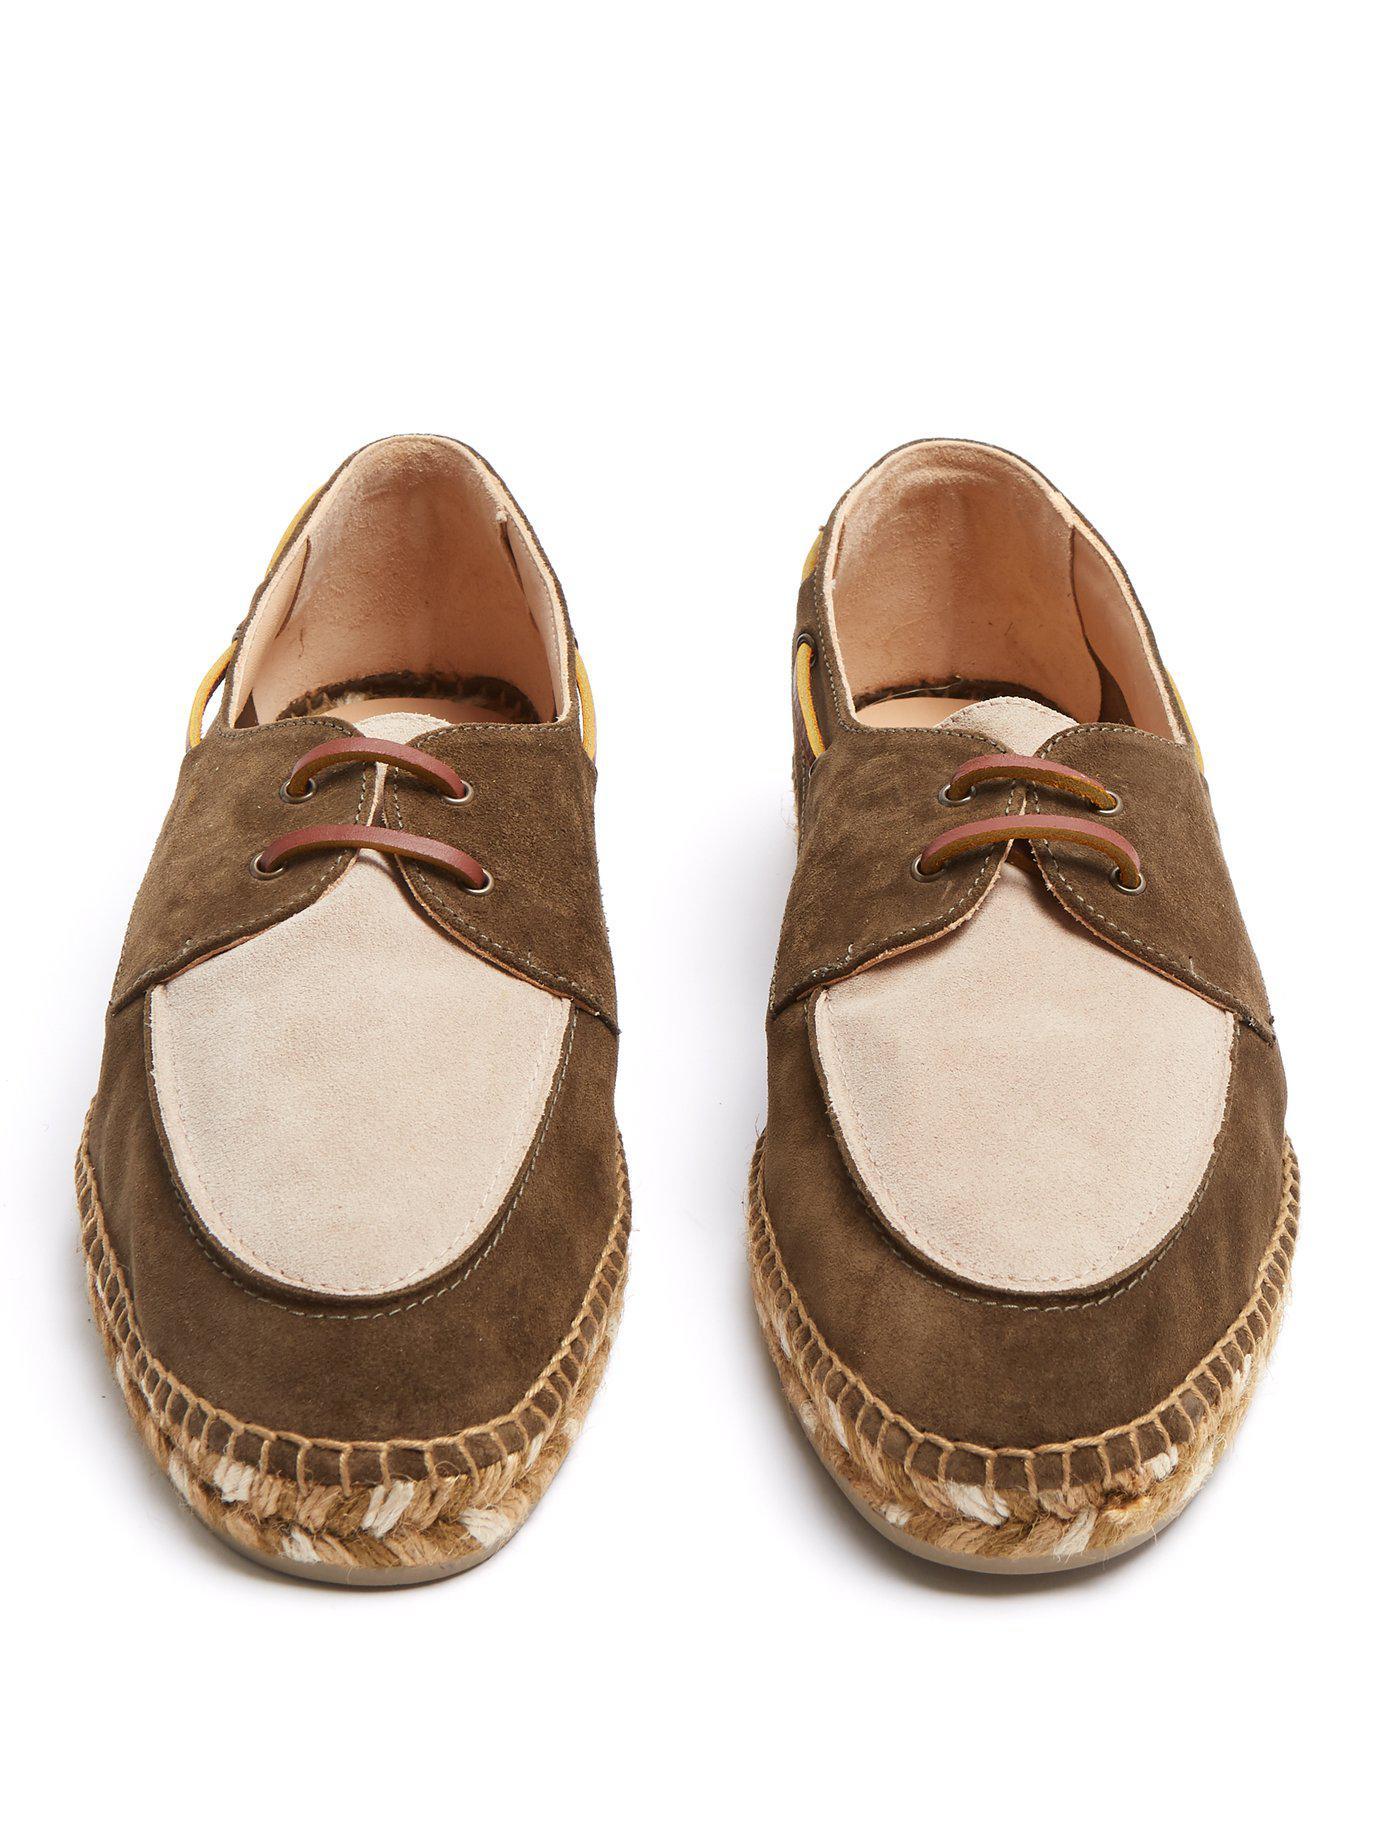 Chaussures bateau en daim à semelle espadrilleCastaner KGMrF1Rr4